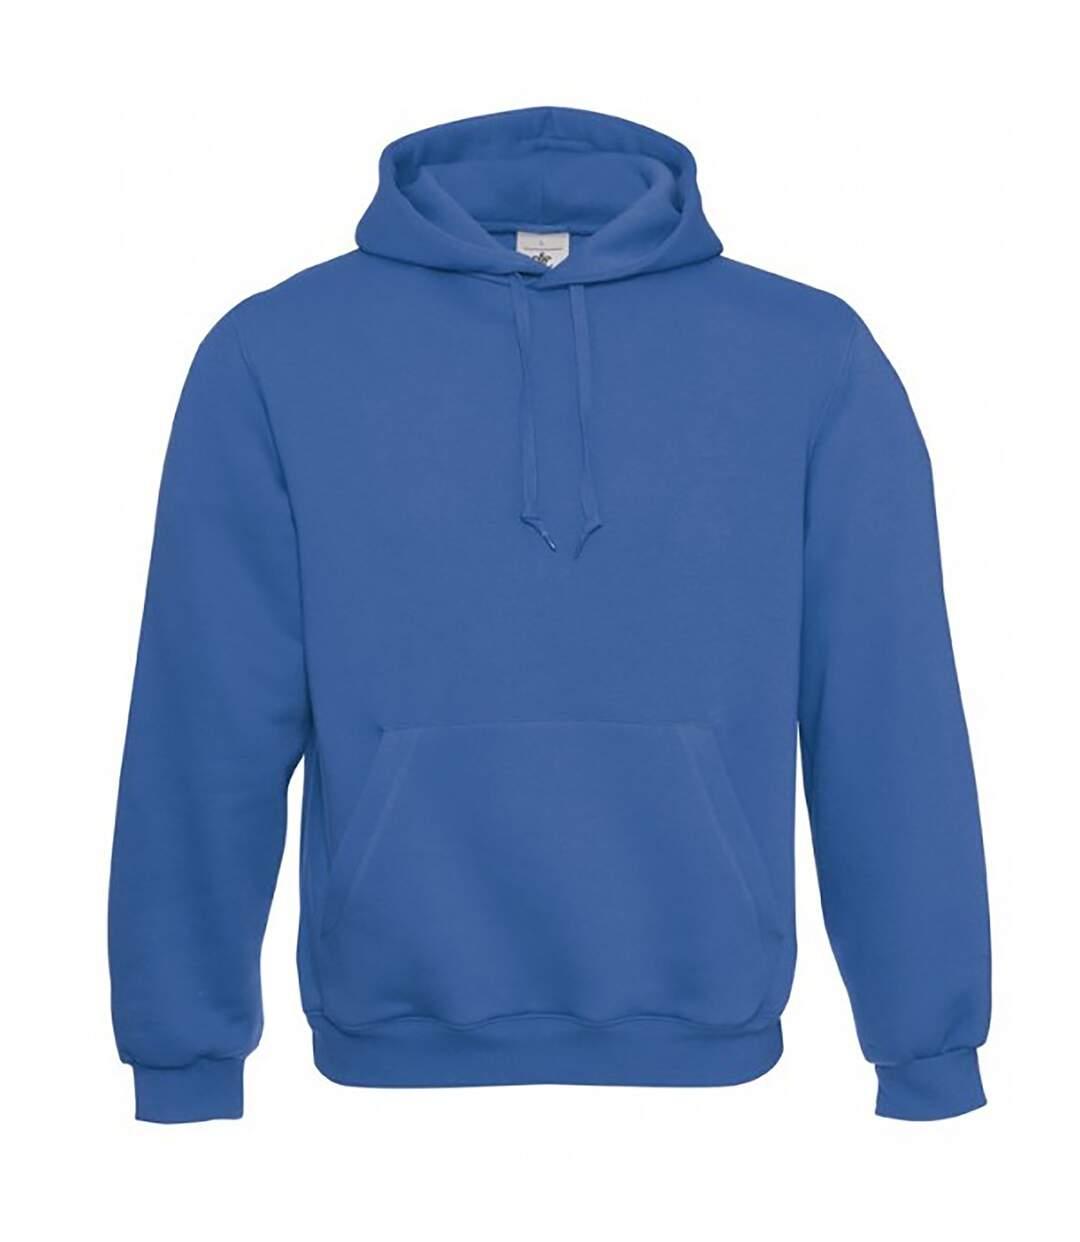 B&C Mens Hooded Sweatshirt / Hoodie (Steel Grey) - UTBC127